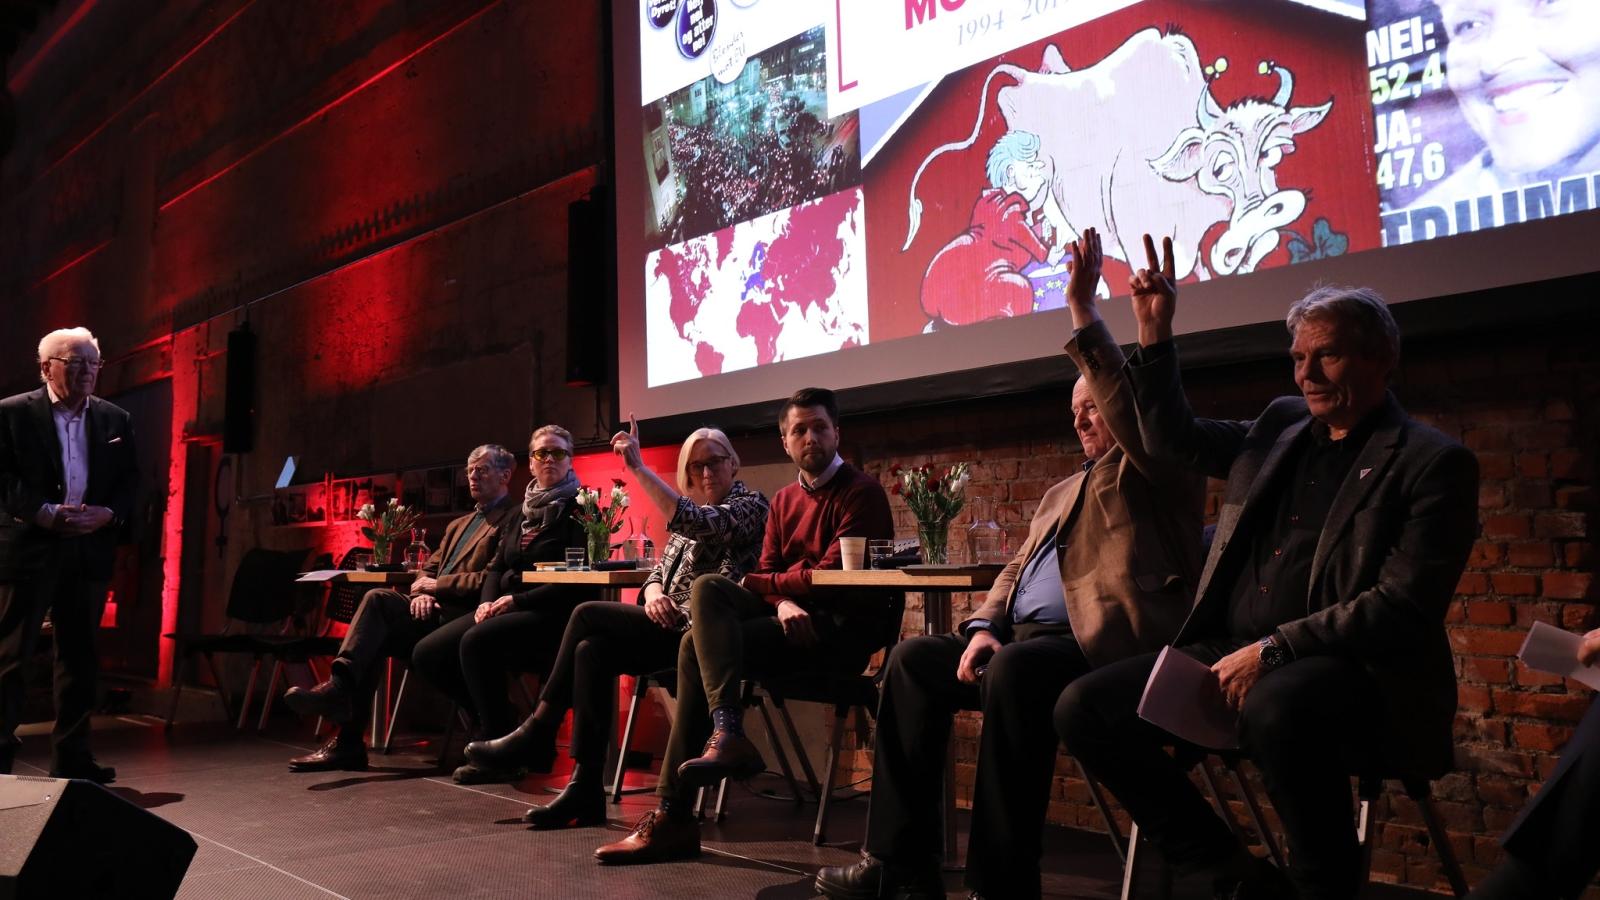 Geir Helljesen (t.v.) styrte debatten mellom Einar Steensnæs (KrF), Jorunn Folkvord (Rødt), Åsmund Aukrust (AP), Marit Arnstad (SP), Bjørn Kristian Svendsrud (FpU), Odd Einar Dørum (V) og Arne Nævra (SV).